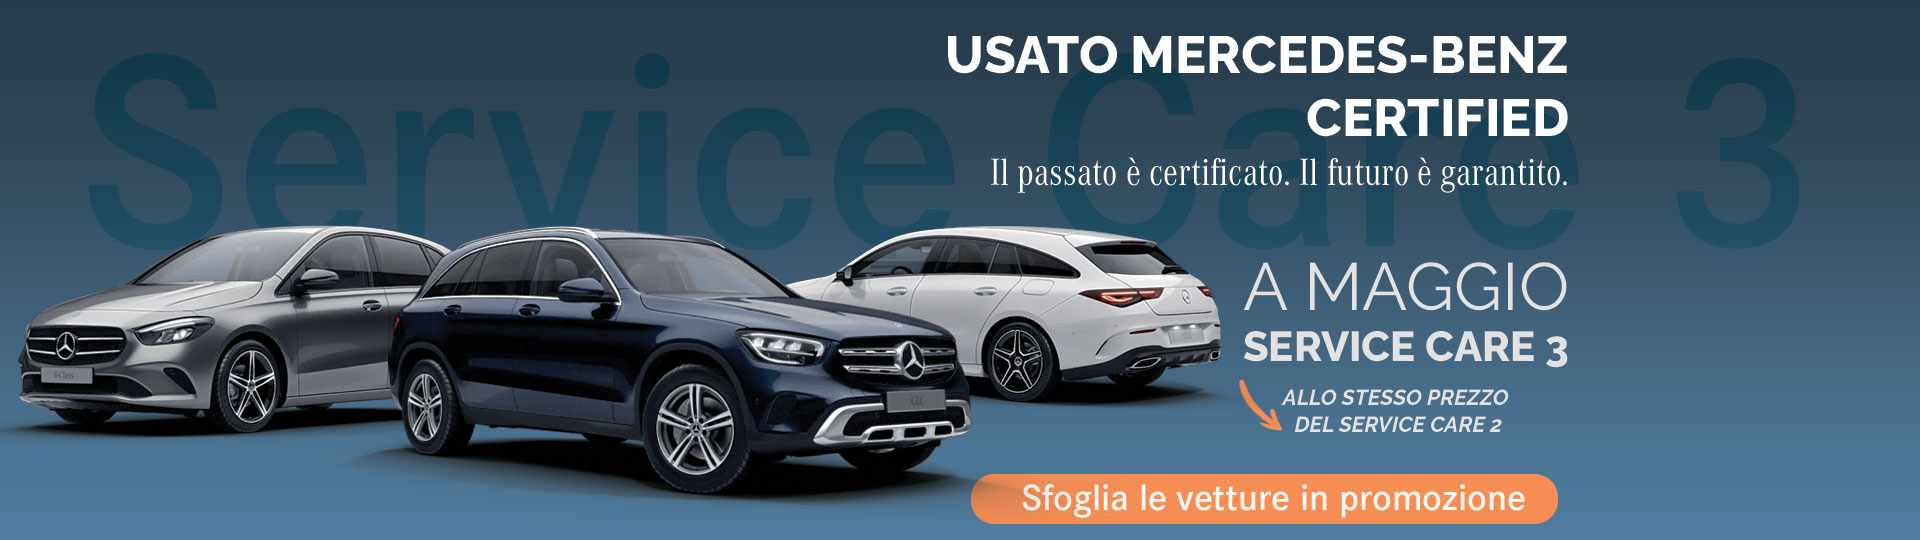 header_Usato_Certified_Maggio_servicecare_2021.jpg